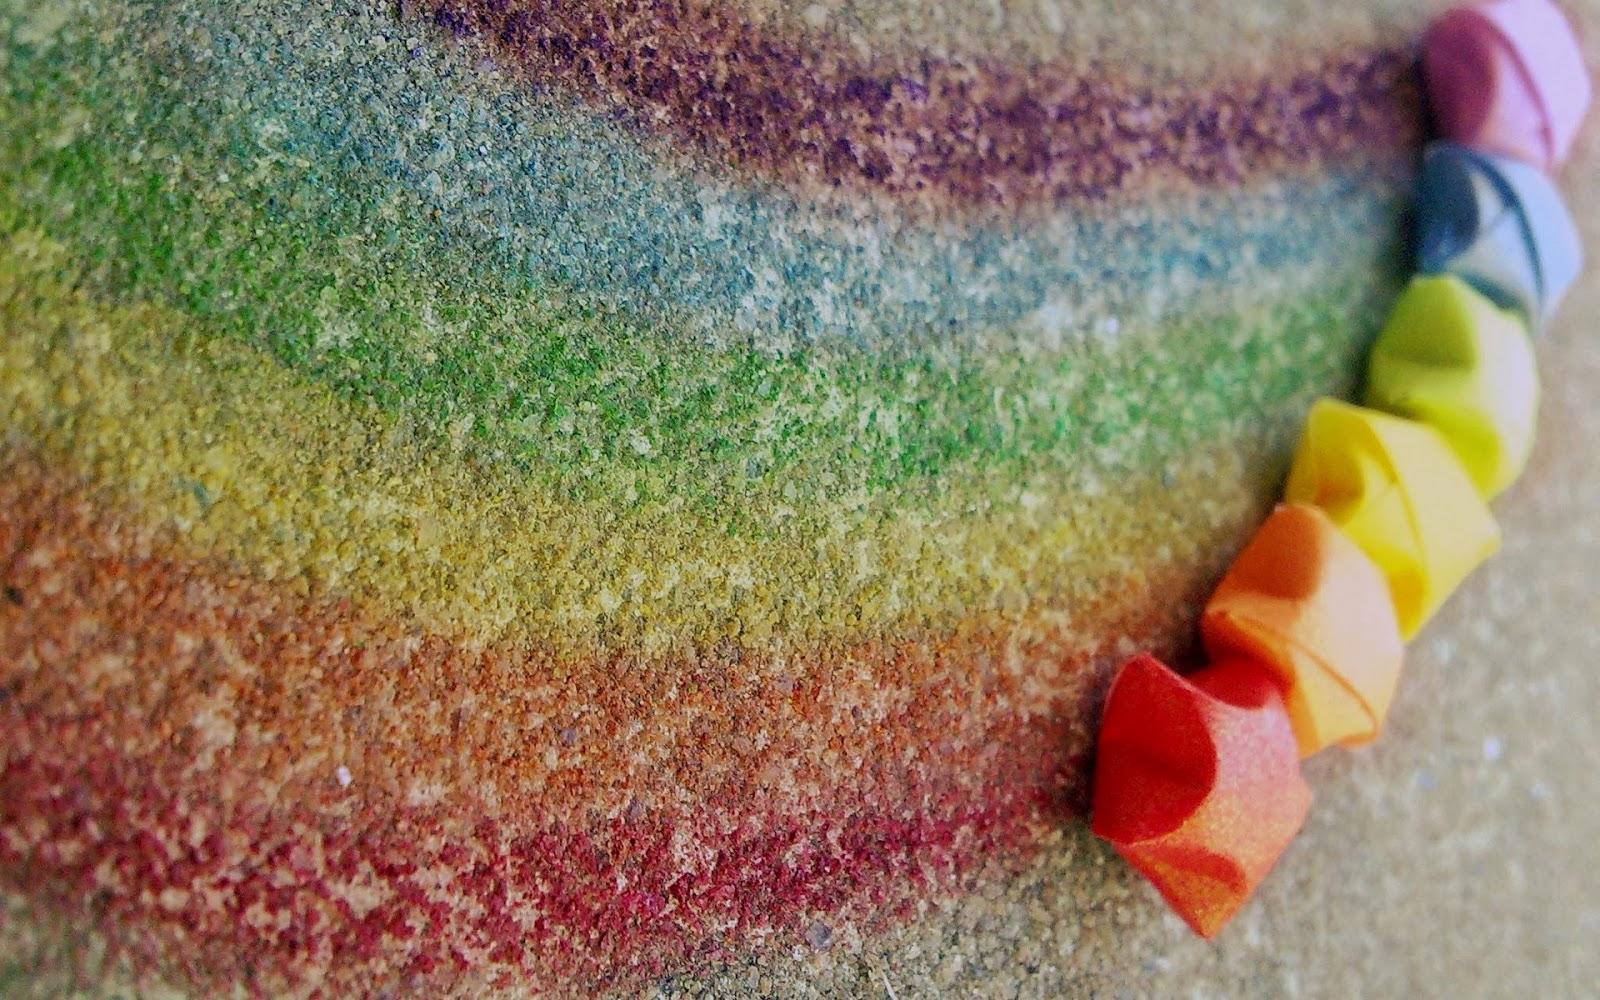 pelangi-kapur-warna-warni-makro-kreatif-bintang-foto-wallpaper